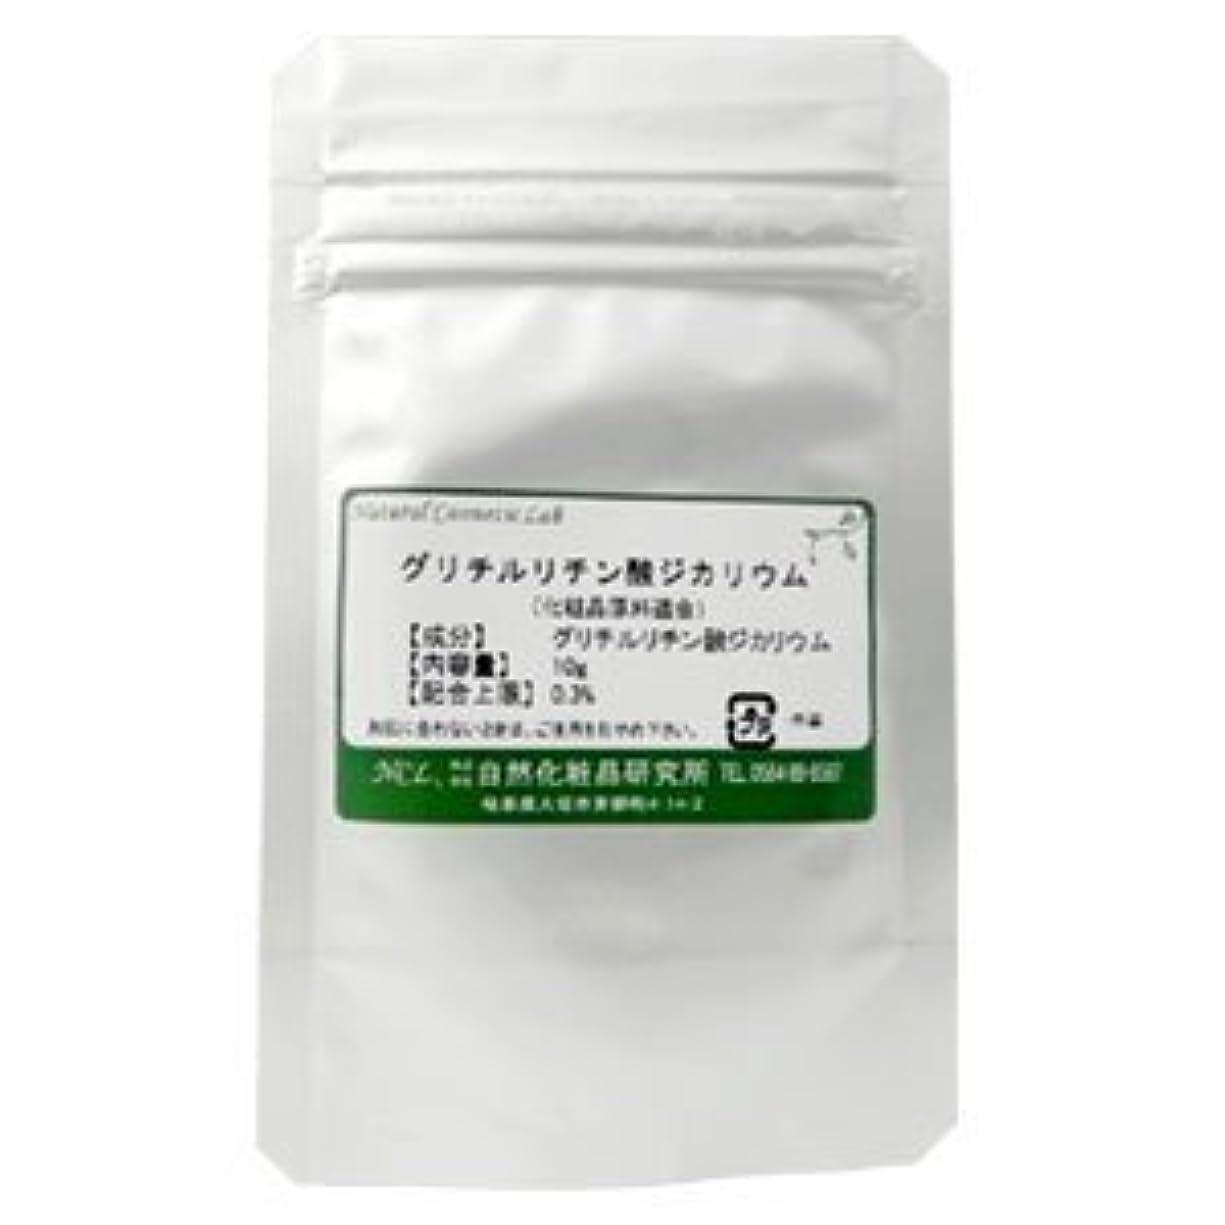 刺激する後悔破壊するグリチルリチン酸ジカリウム (グリチルリチン酸2K) カンゾウ(甘草) 10g 【手作り化粧品原料】